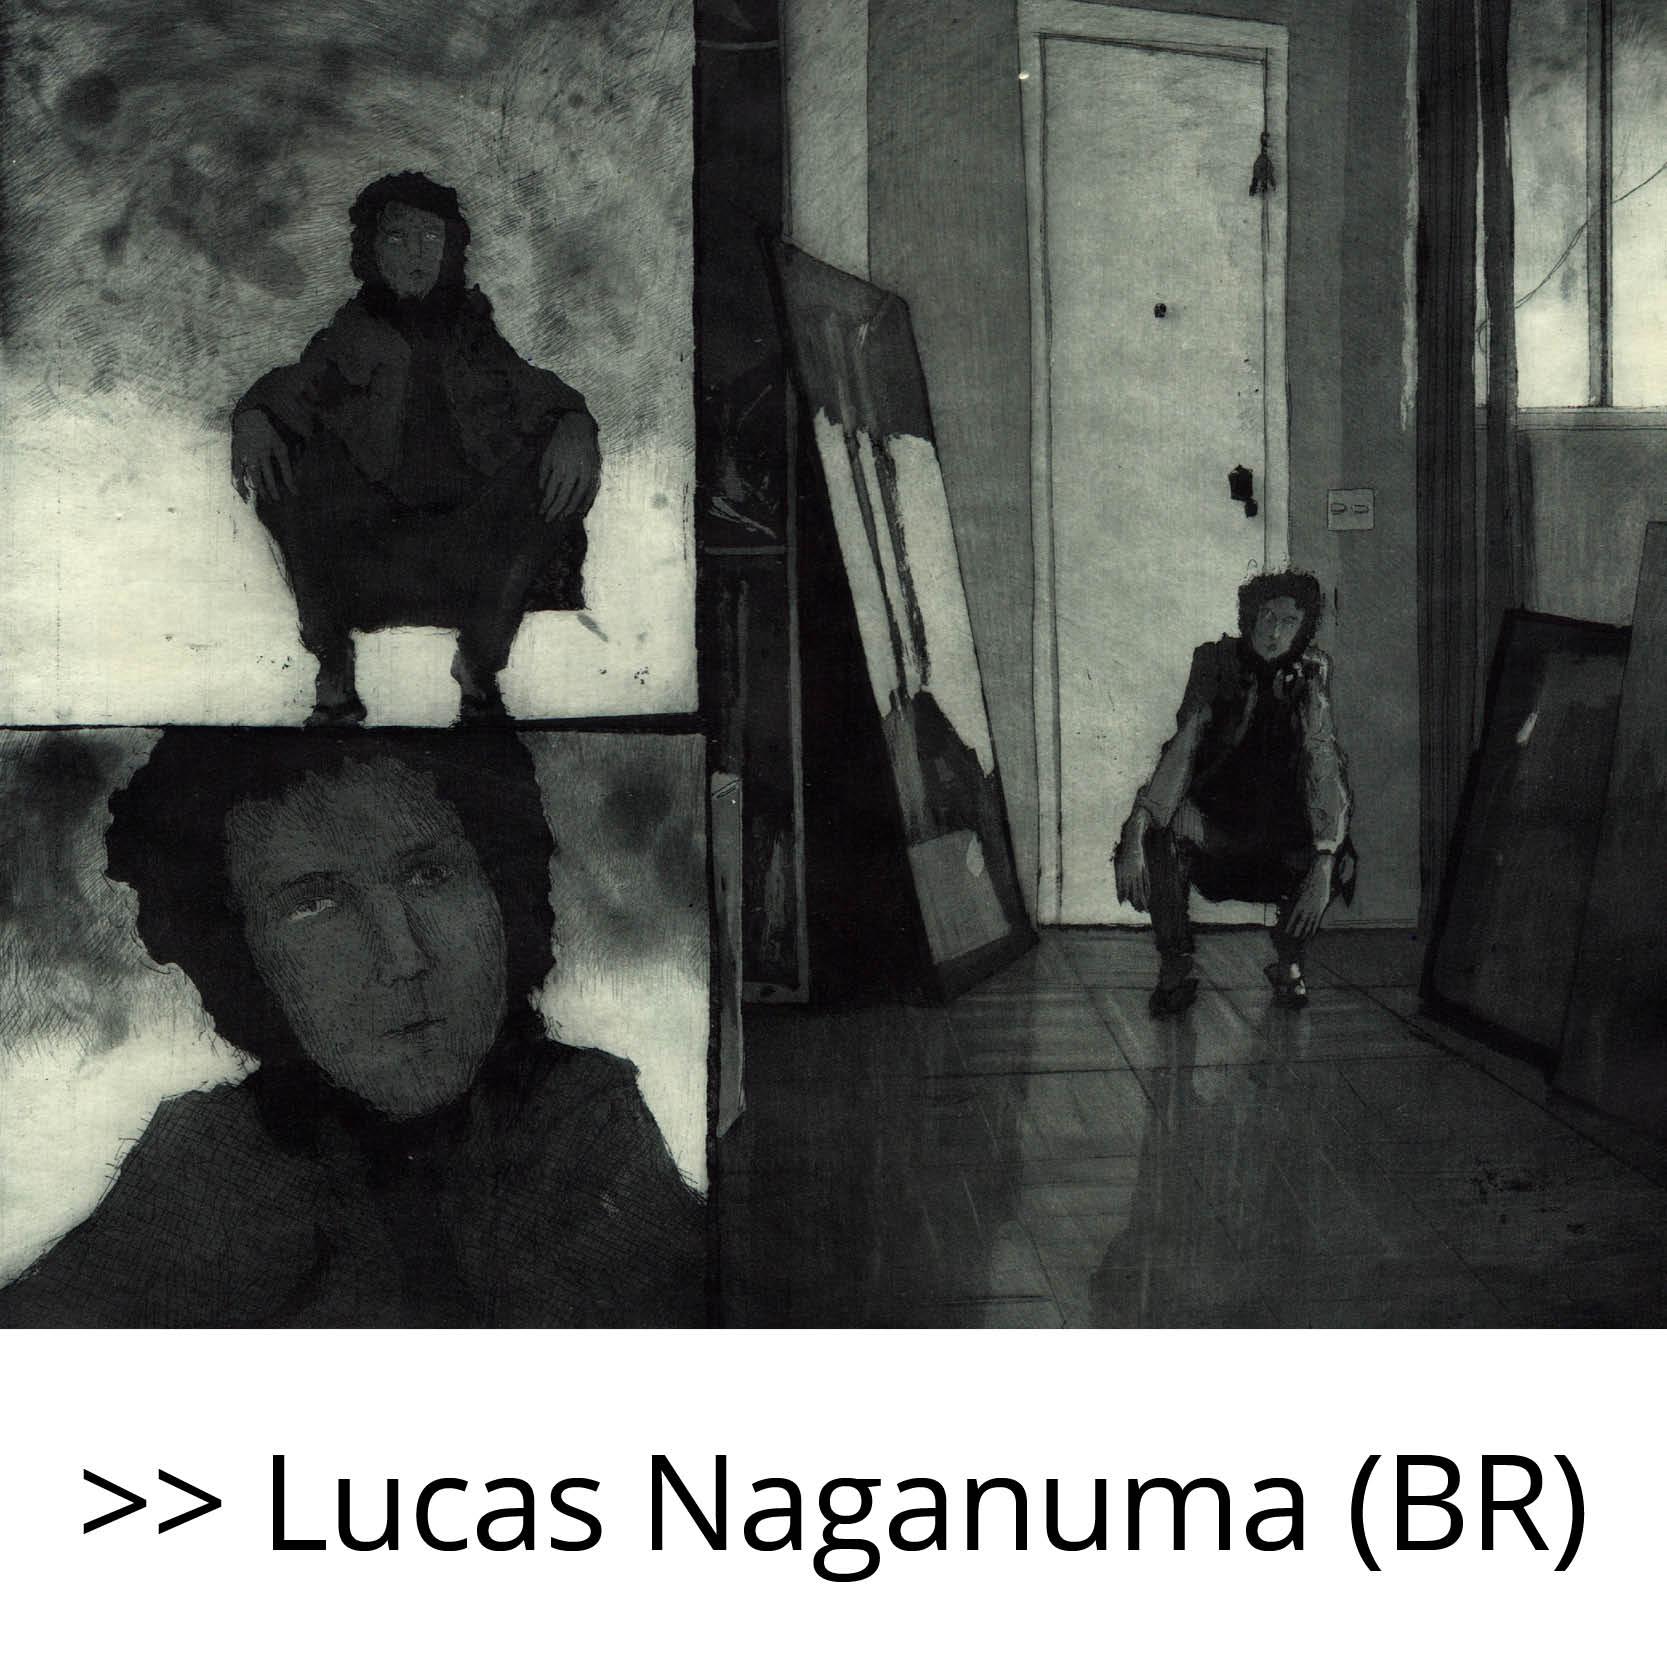 Lucas_Naganuma_(BR)